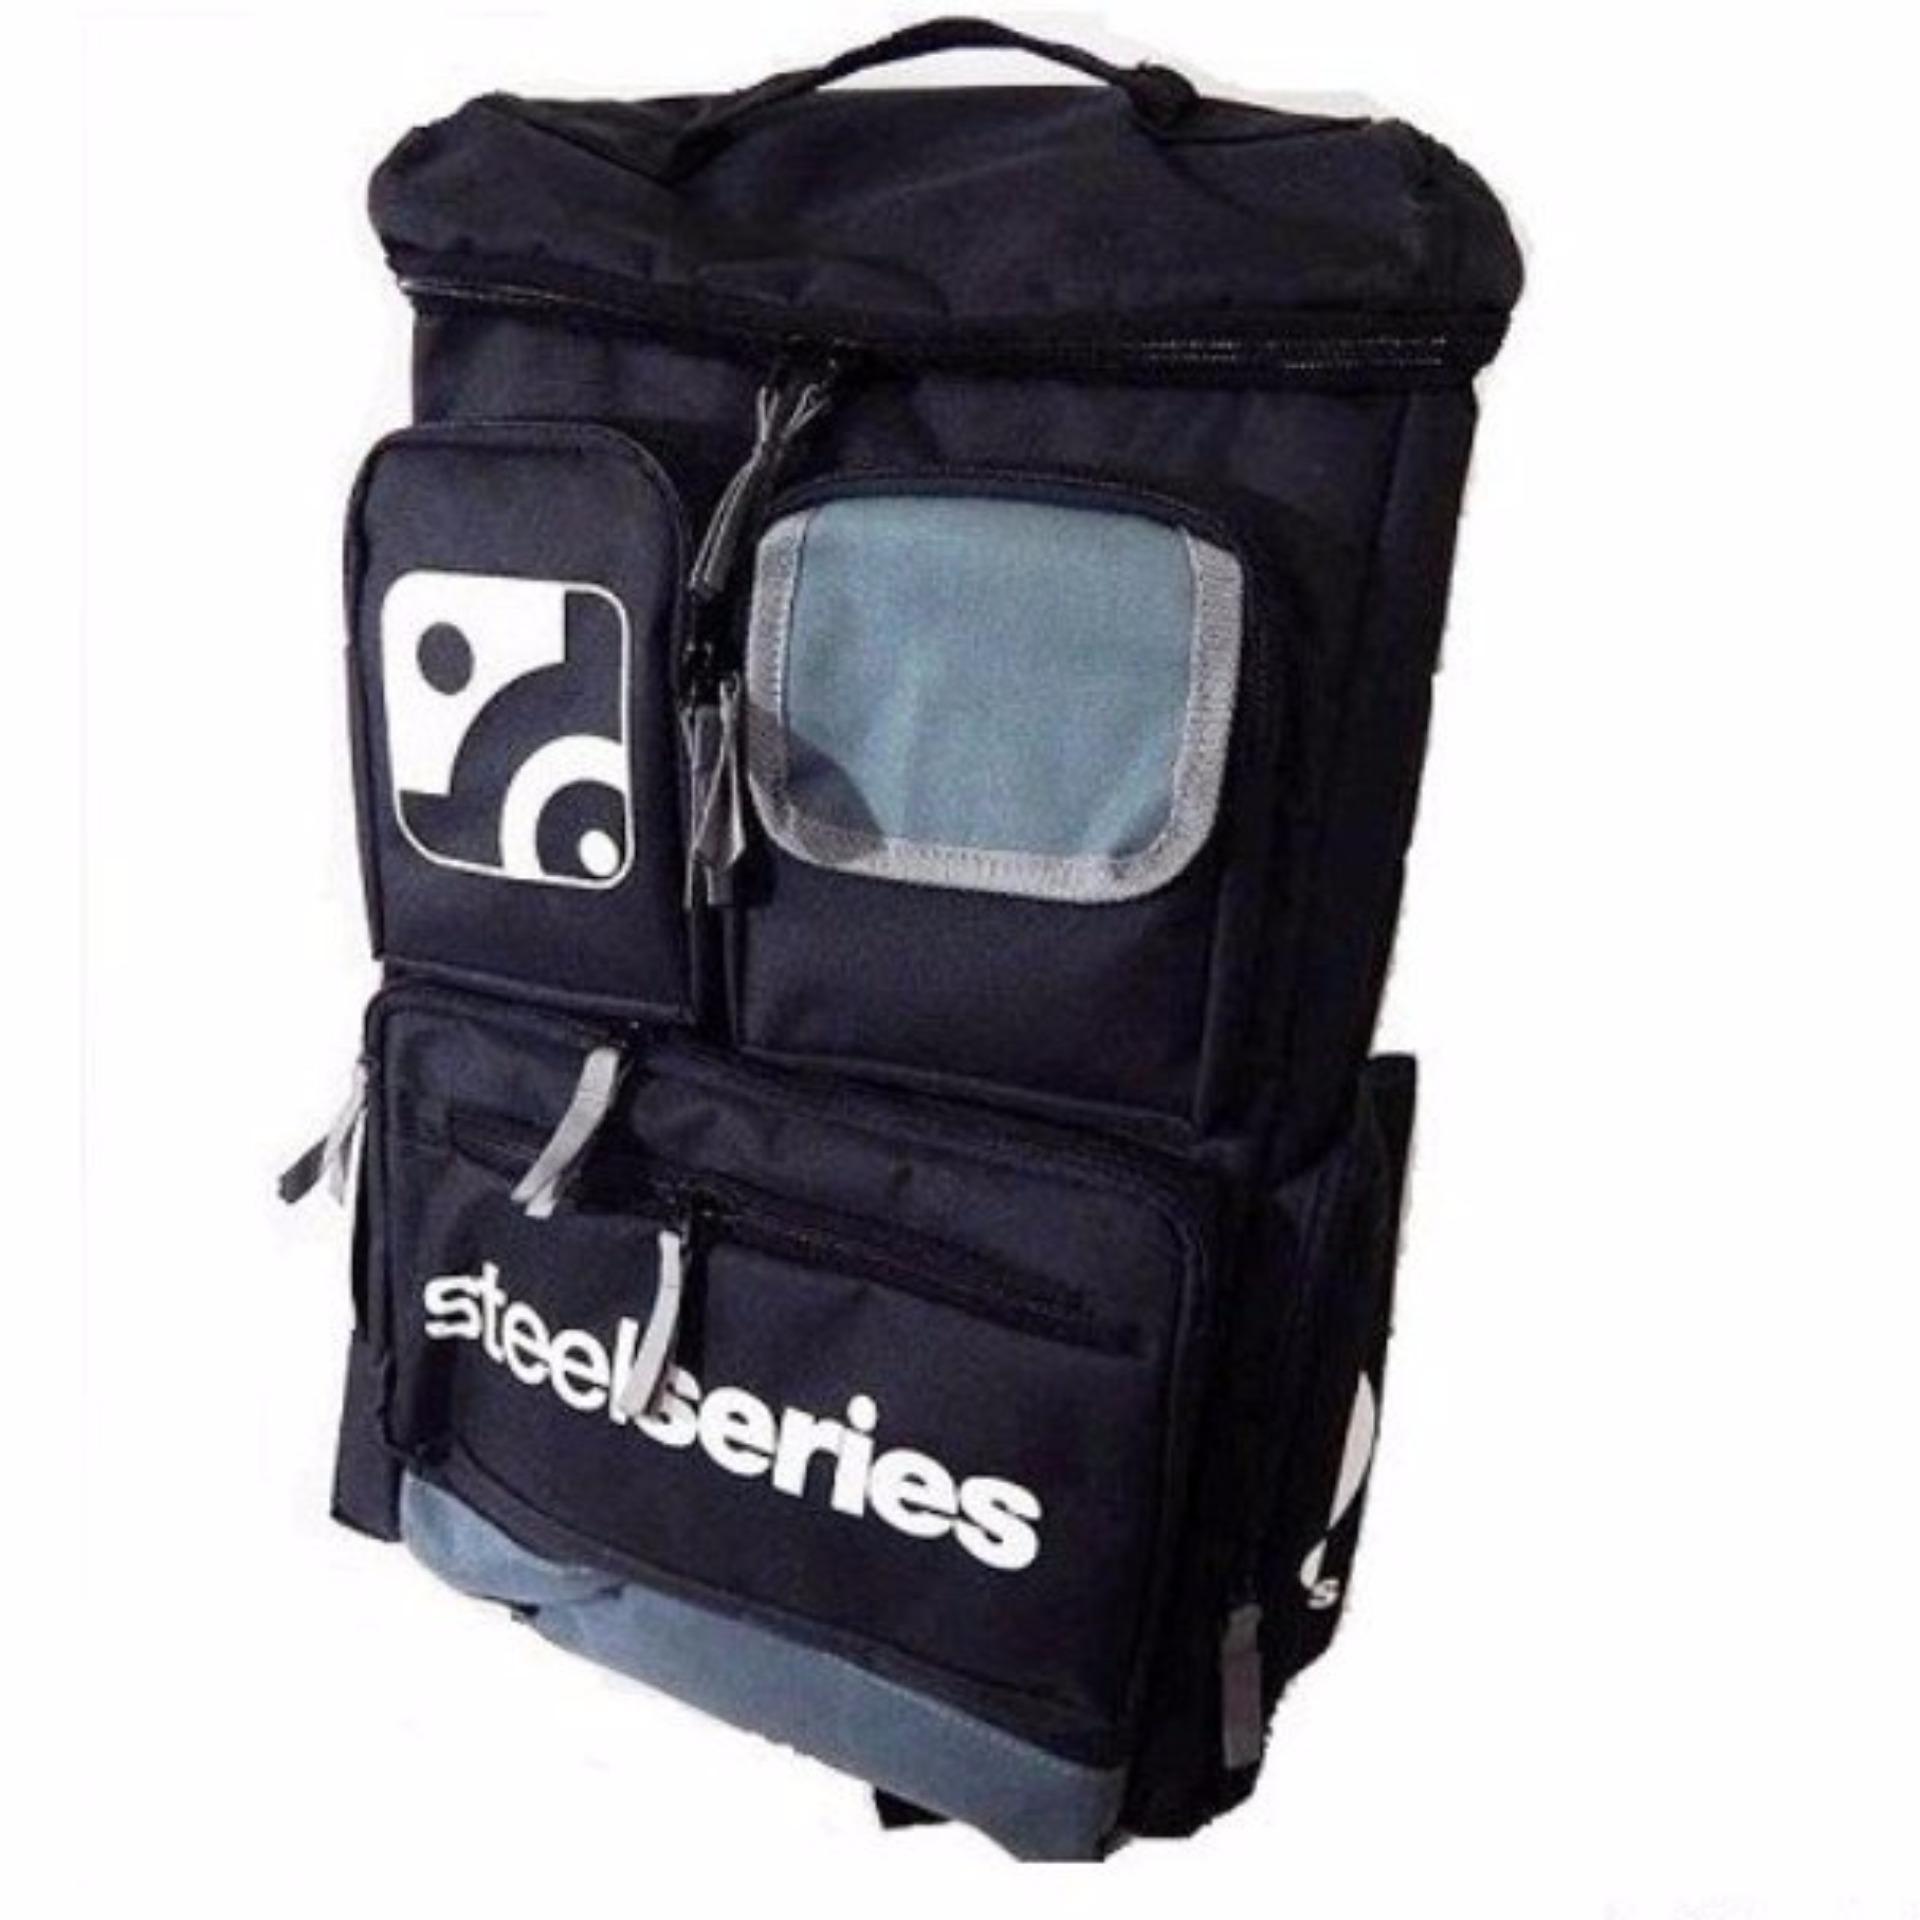 Jual Steelseries Terlengkap Siberia P300 Ps4 Ps3 Mobile Pc Mac Hitam Backpack Premium Gaming Bag Grey